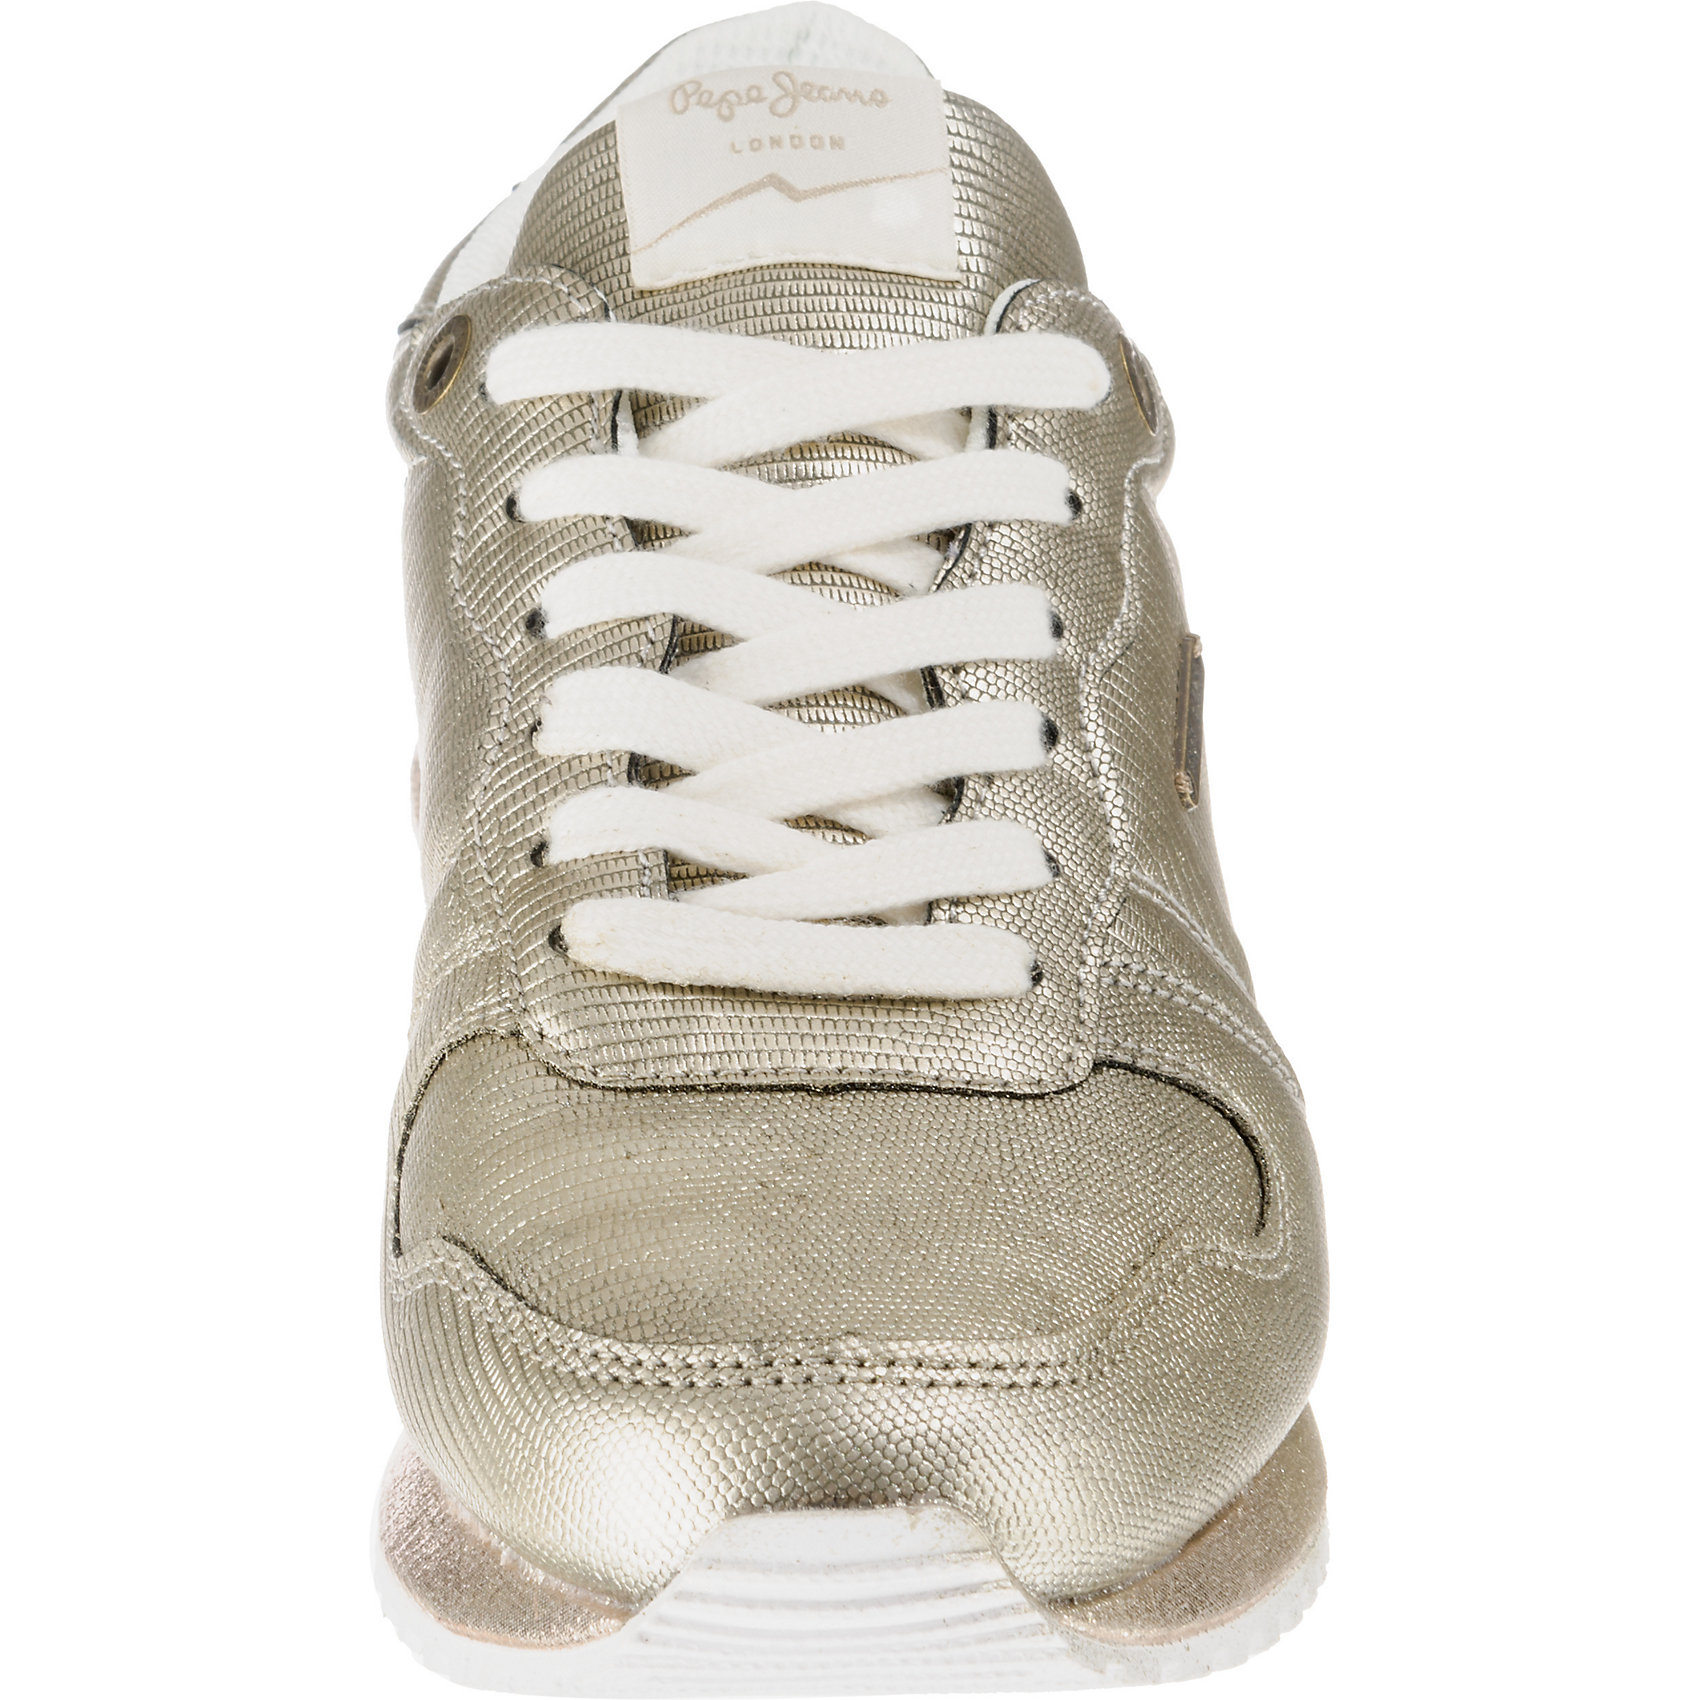 Neu Pepe Jeans GABLE NEW PLAIN Turnschuhe Low 8430872 für für für Damen Gold  | Gutes Design  dca173